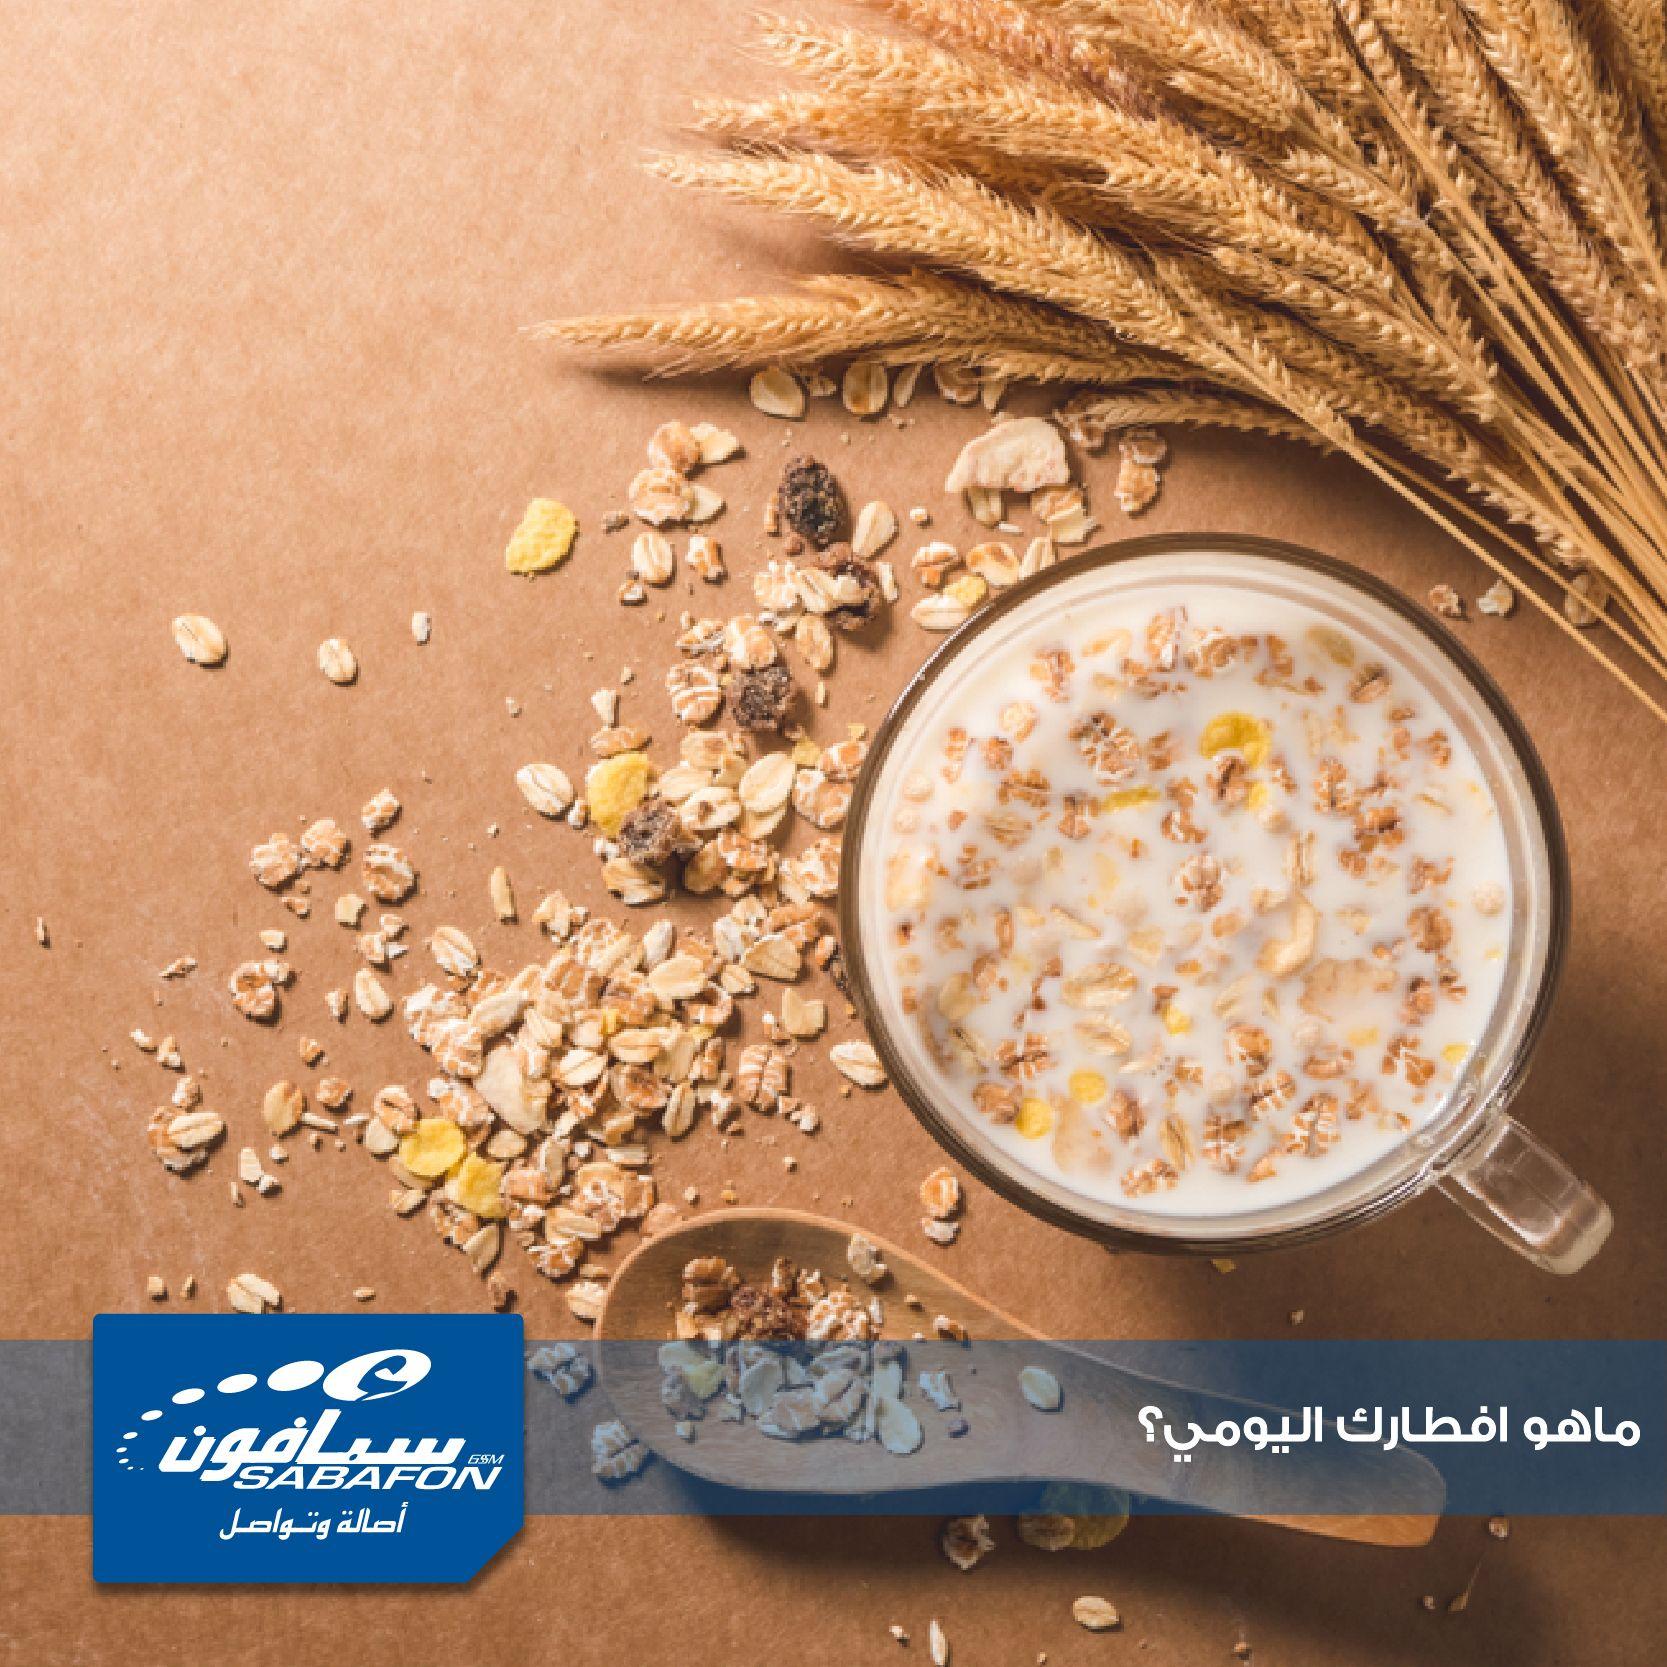 تناول الحبوب الكاملة على الإفطار مثل الحمص والشوفان لكي تضمن للجسم طاقة مستمرة على مدار اليوم صحة سبأفون معك Oatmeal Breakfast Food